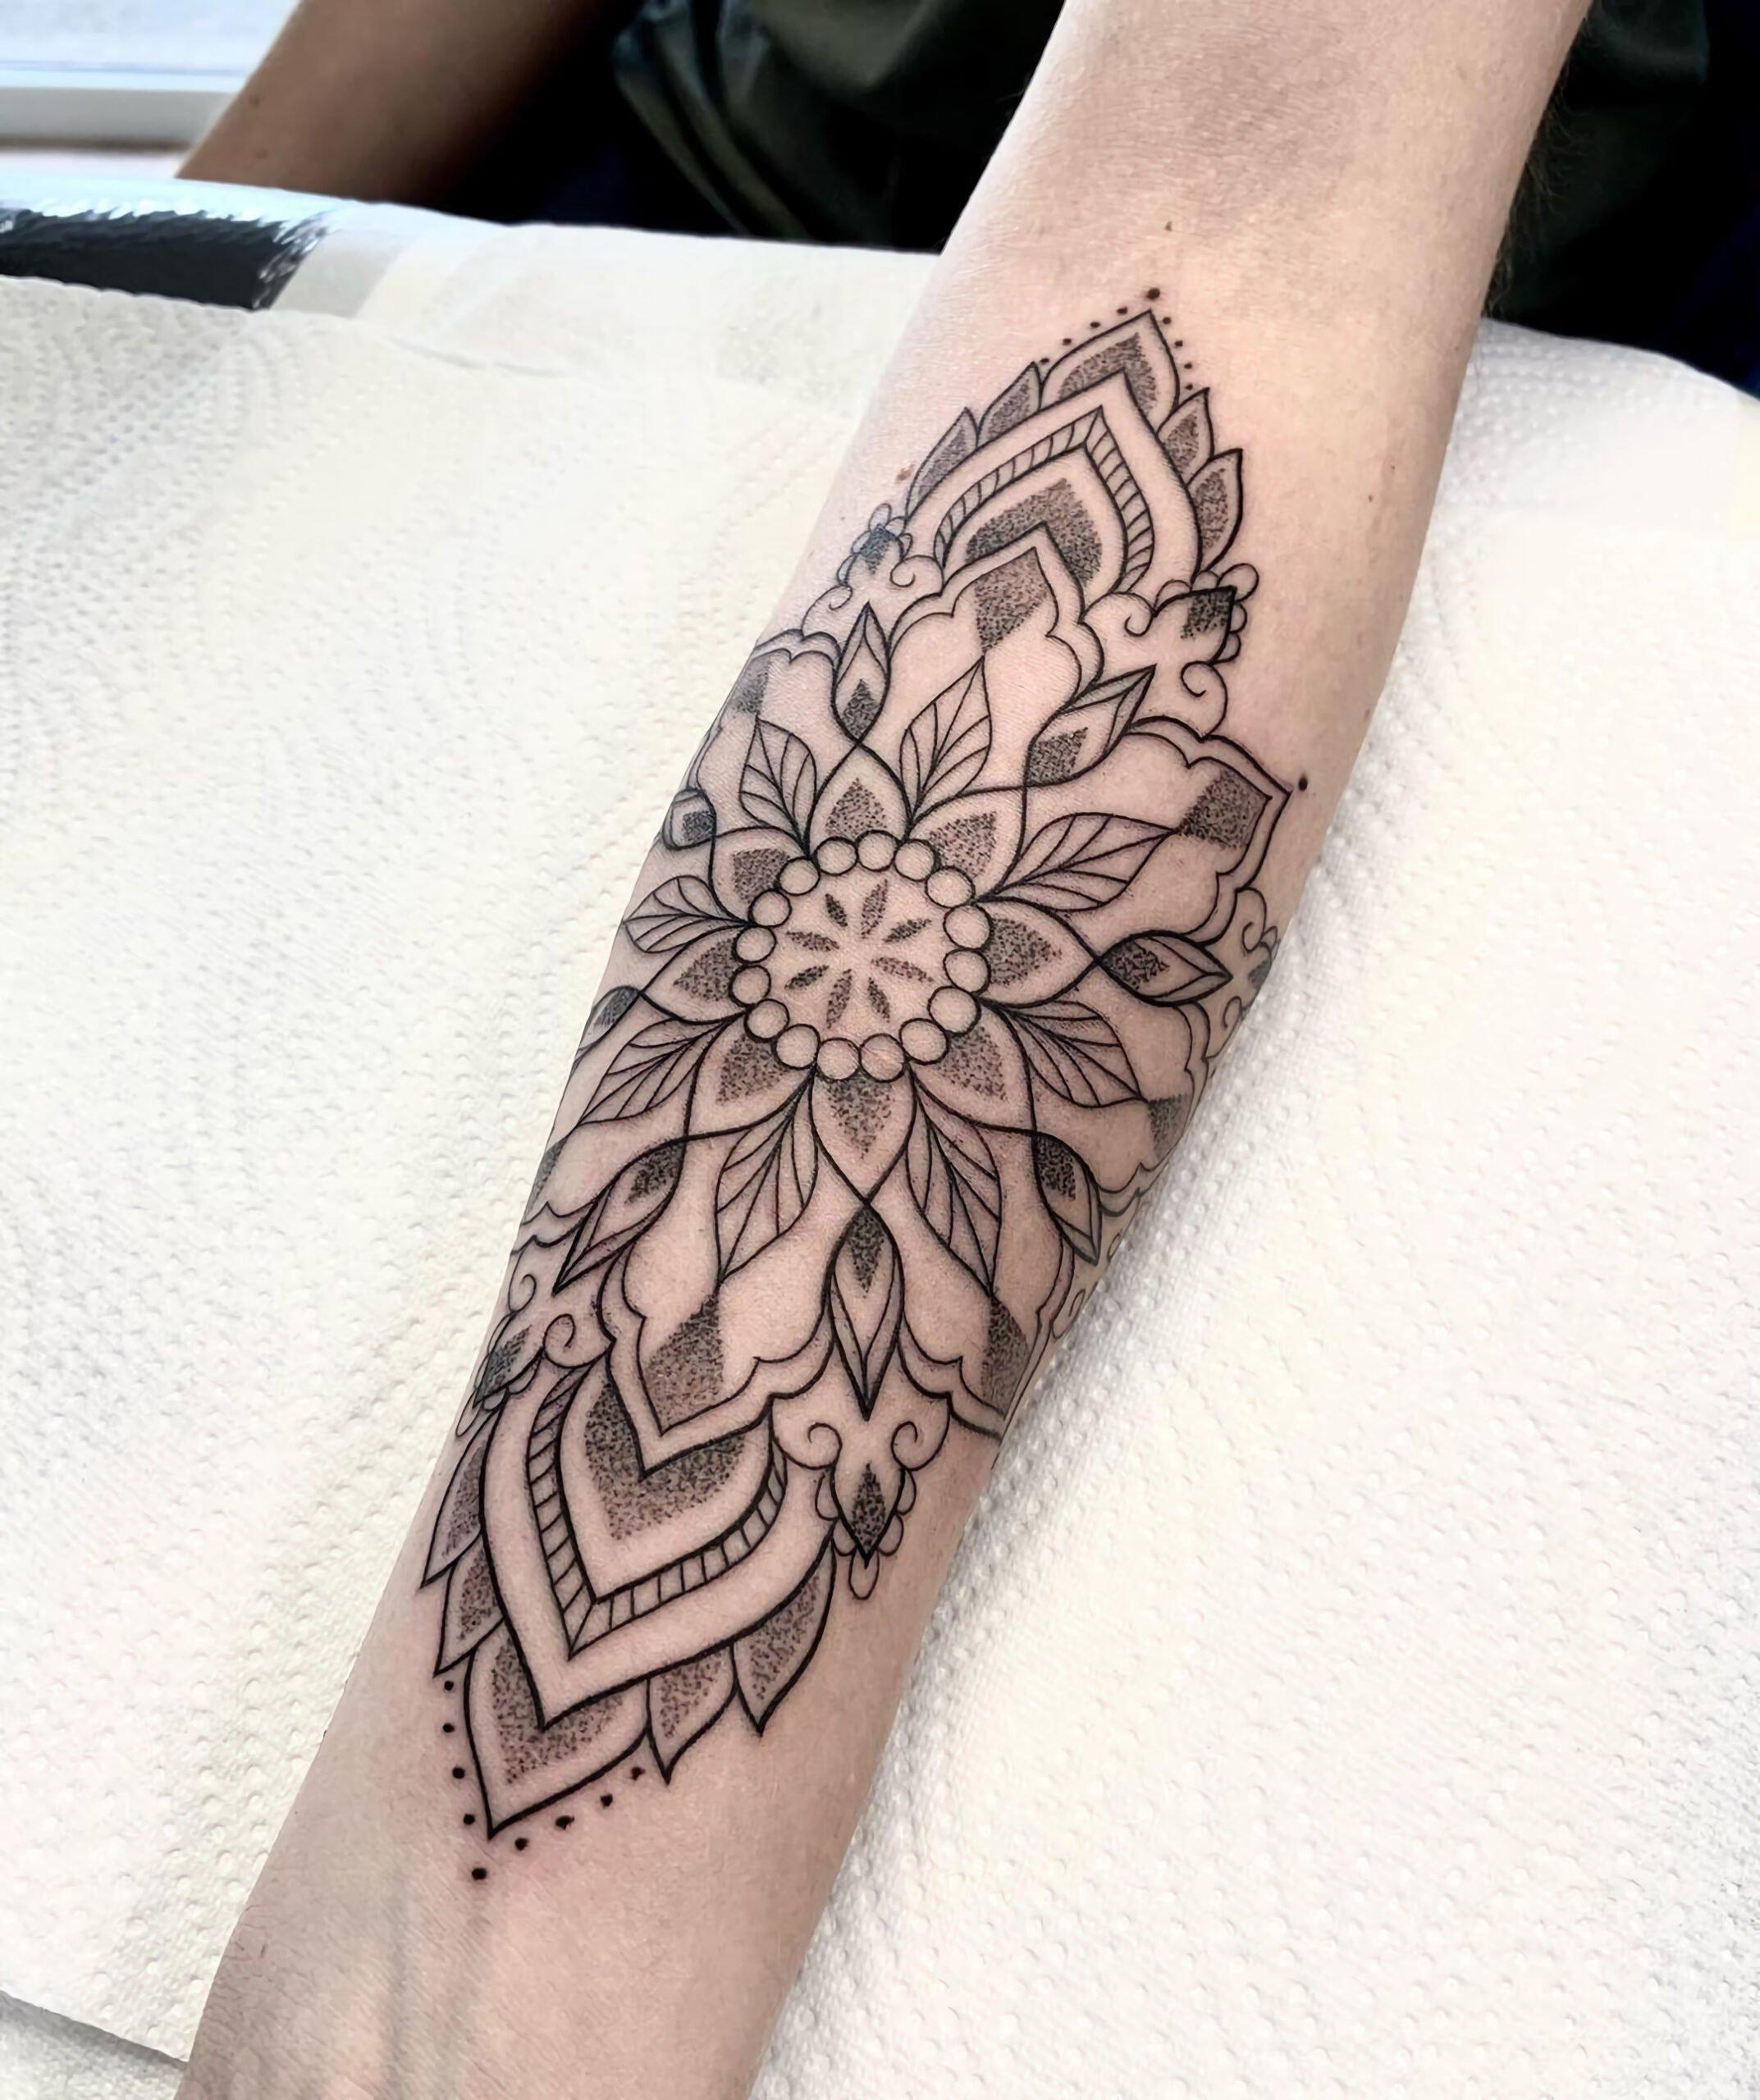 Татуировки в стиле Дотворк